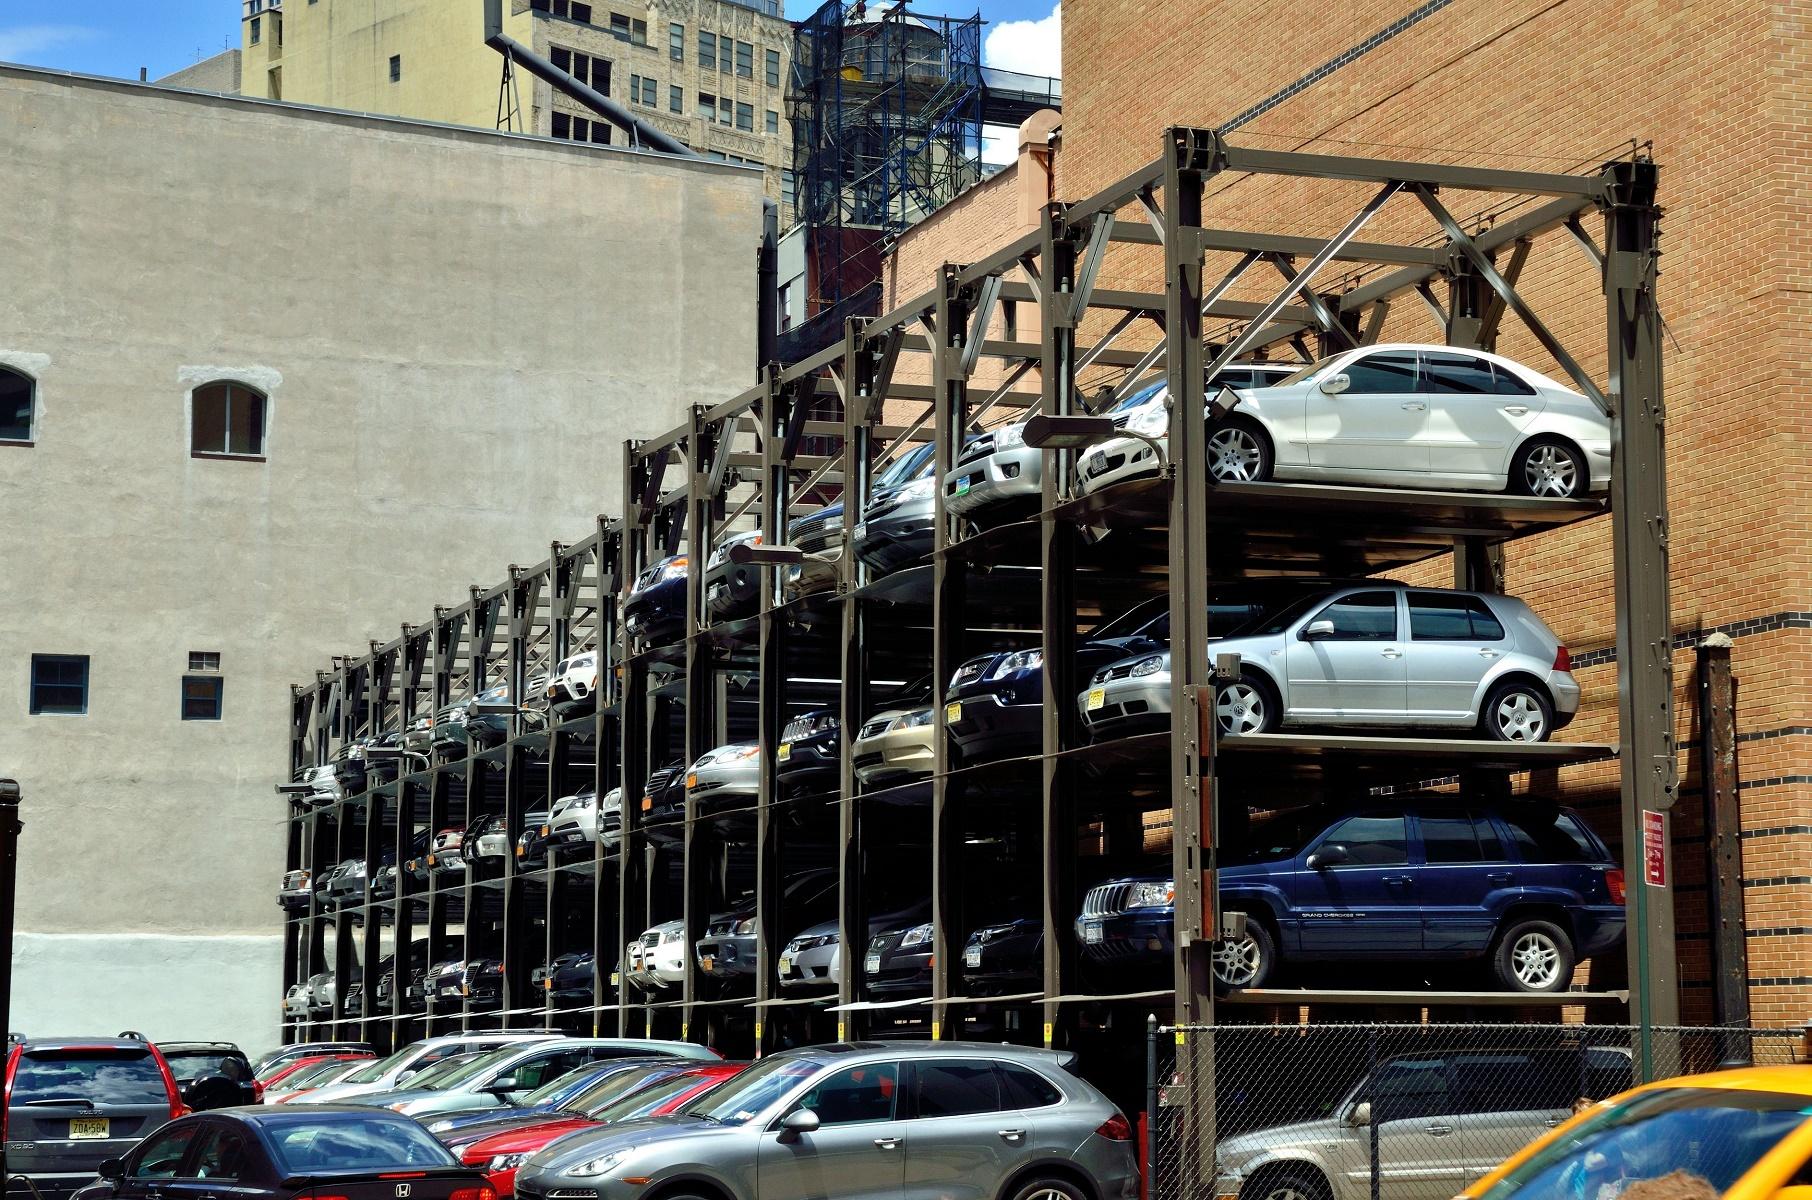 Todo o condomínio que se preza tem as suas vagas complicadas de garagem. Foto PLANCHARD Eric /Hemis